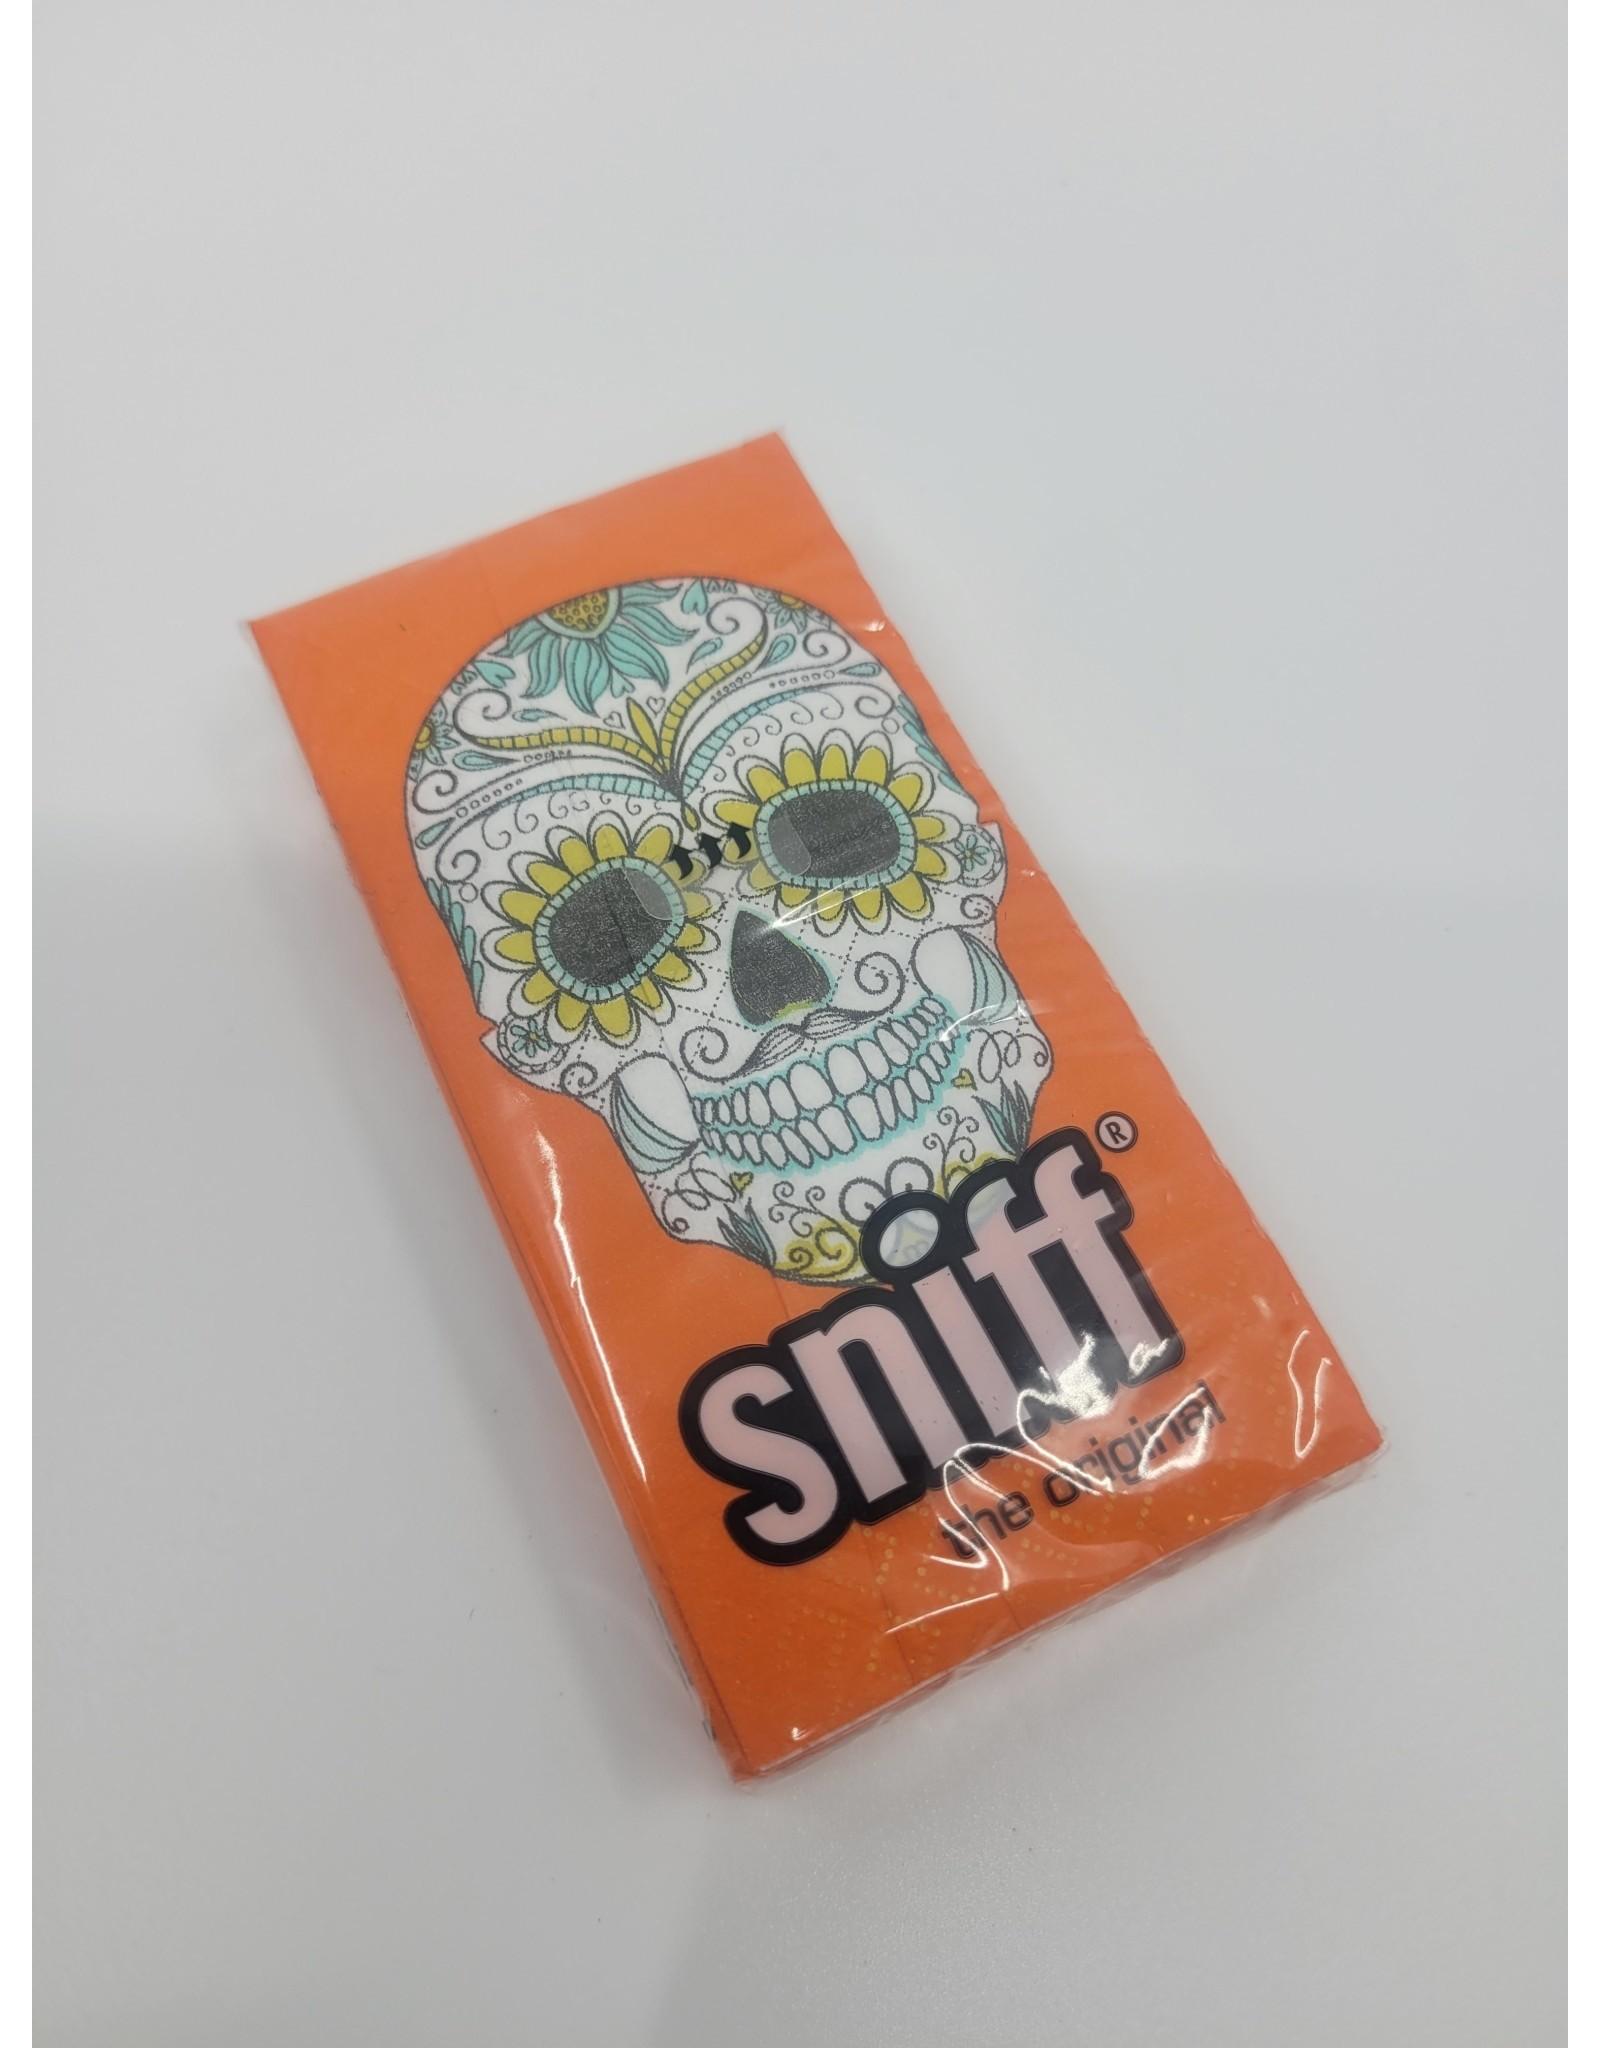 Sniff Skull Tissues